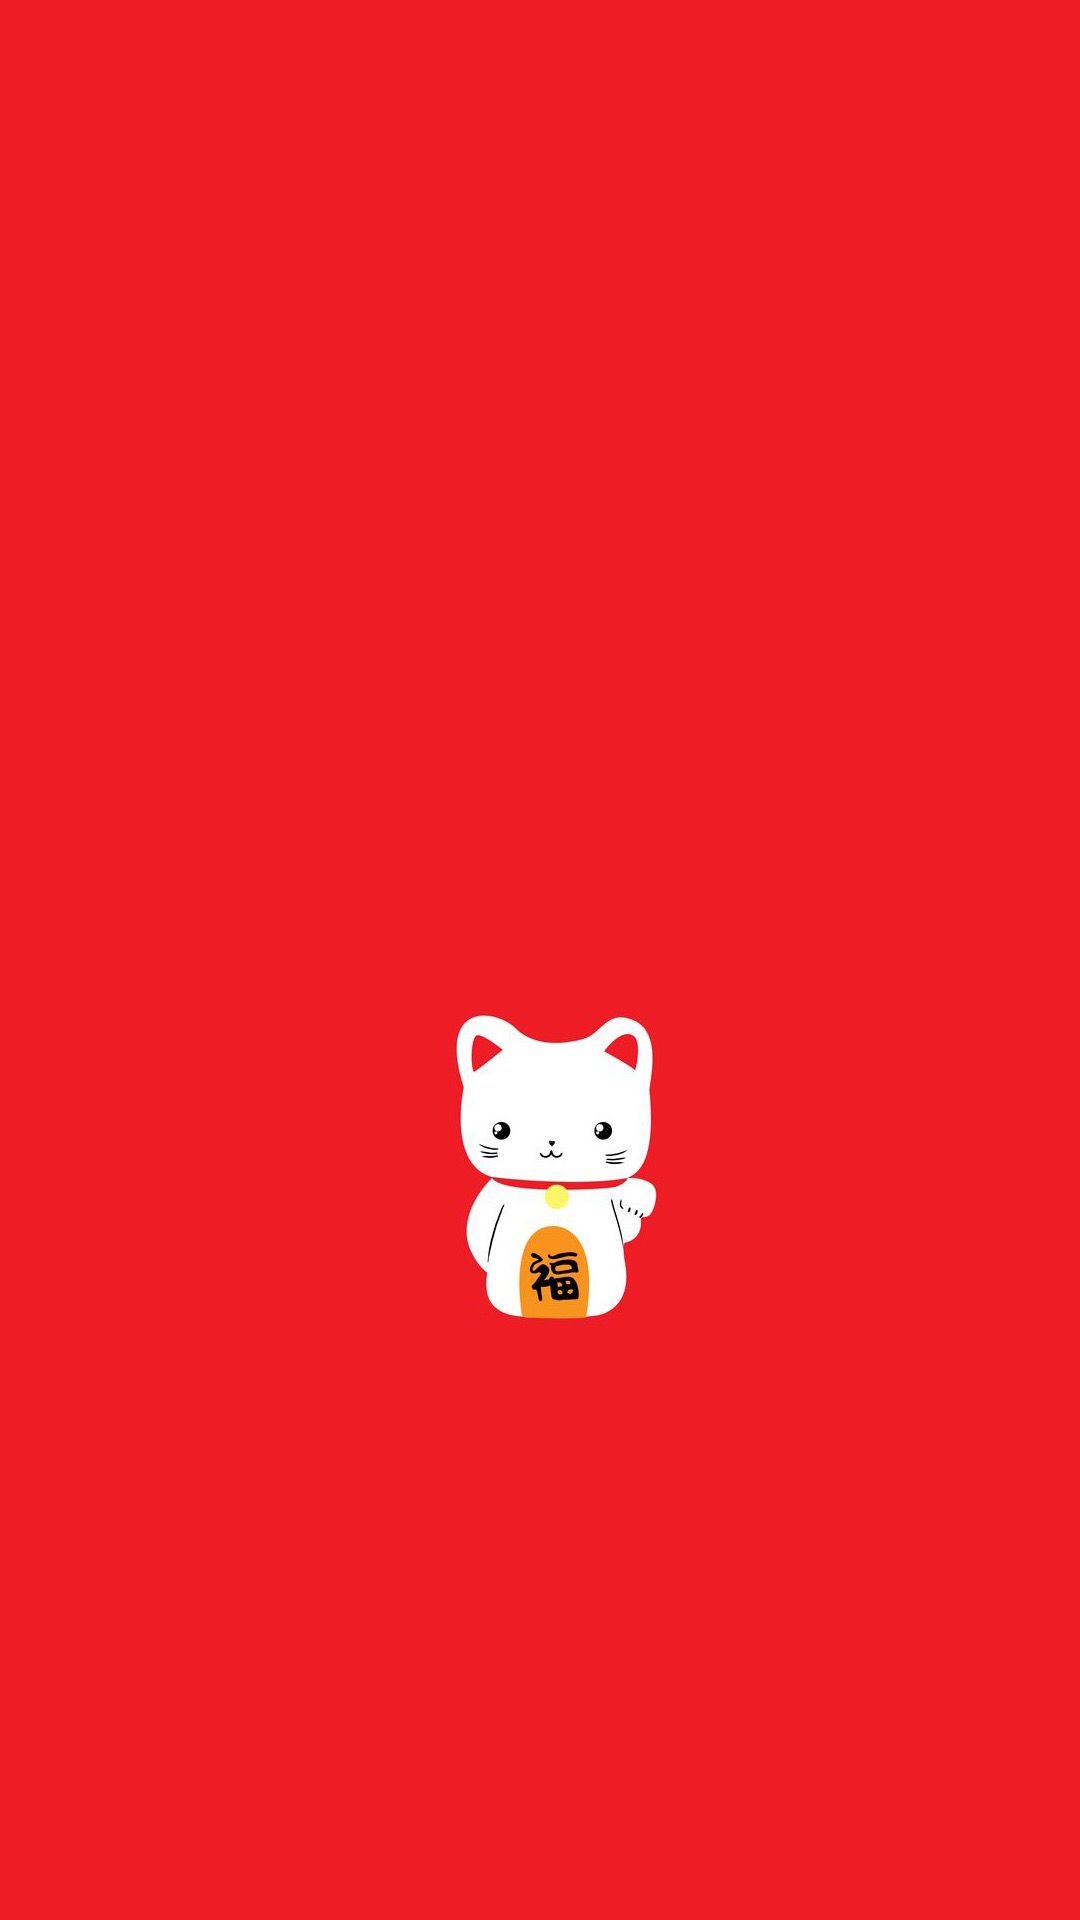 招财猫 红色 福 春节 节日 苹果手机高清壁纸 1080x